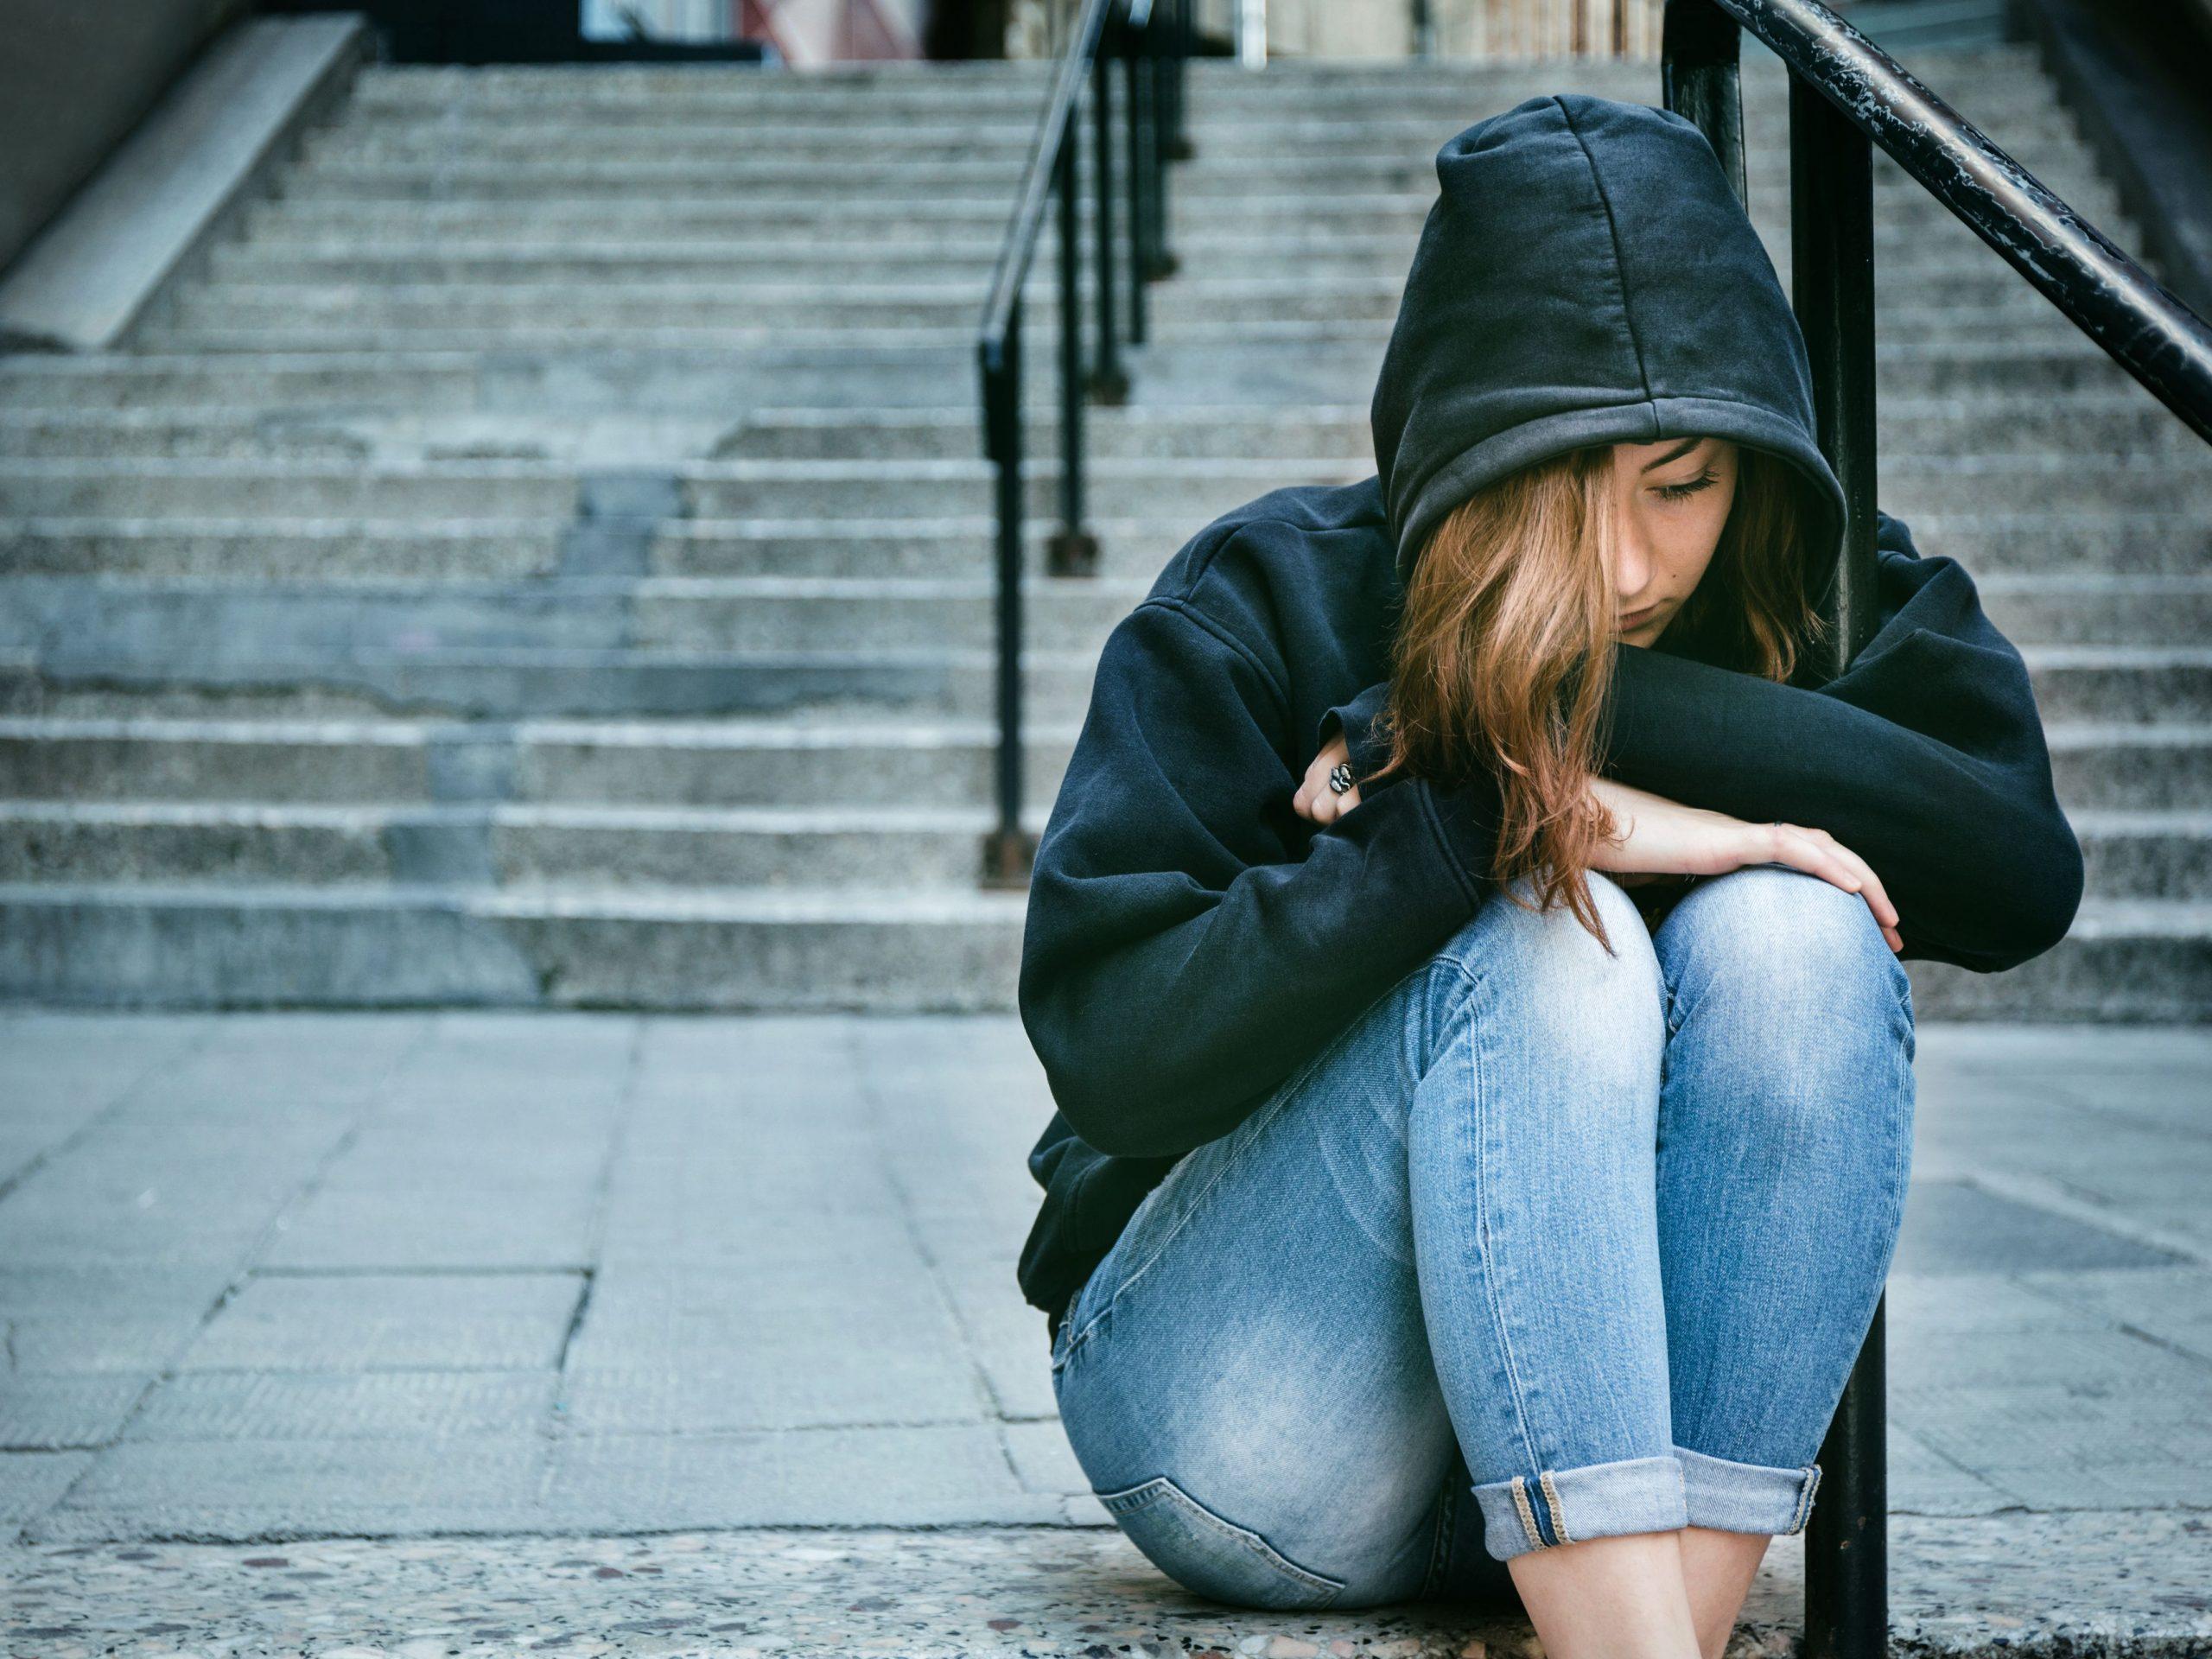 Διπολική διαταραχή & κατάθλιψη σε έφηβους & νέους: Αναγνωρίστε τα σημάδια